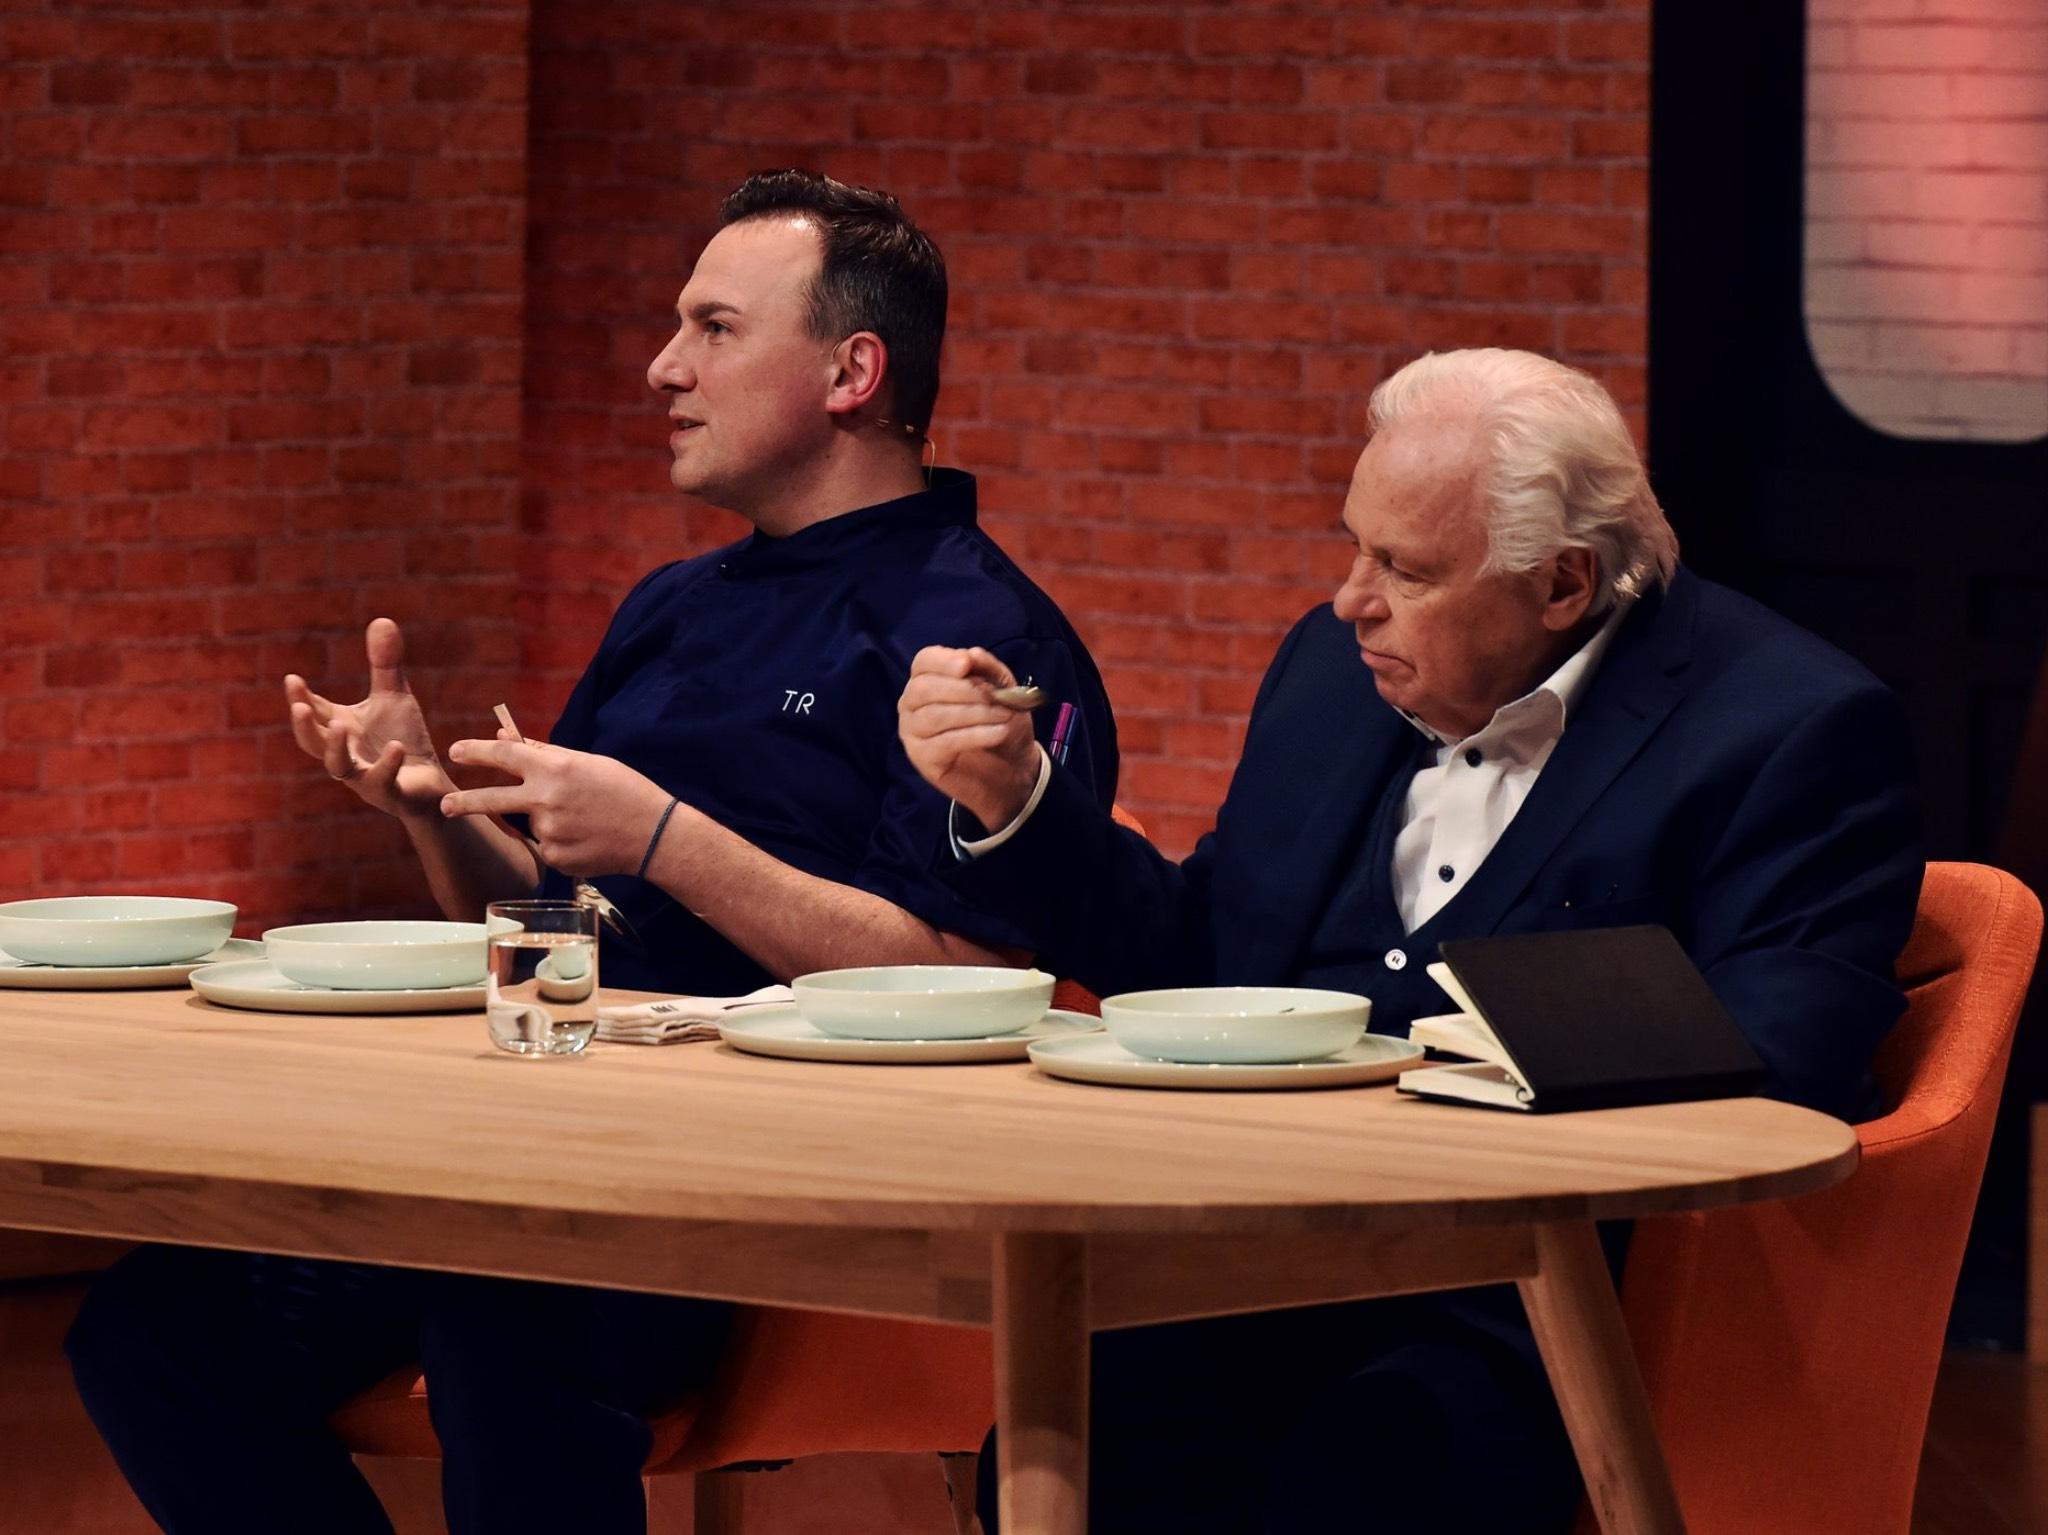 In der Jury dieses Mal: Tim Raue und Eckart Witzigmann. Foto: SAT.1/André Kowalski